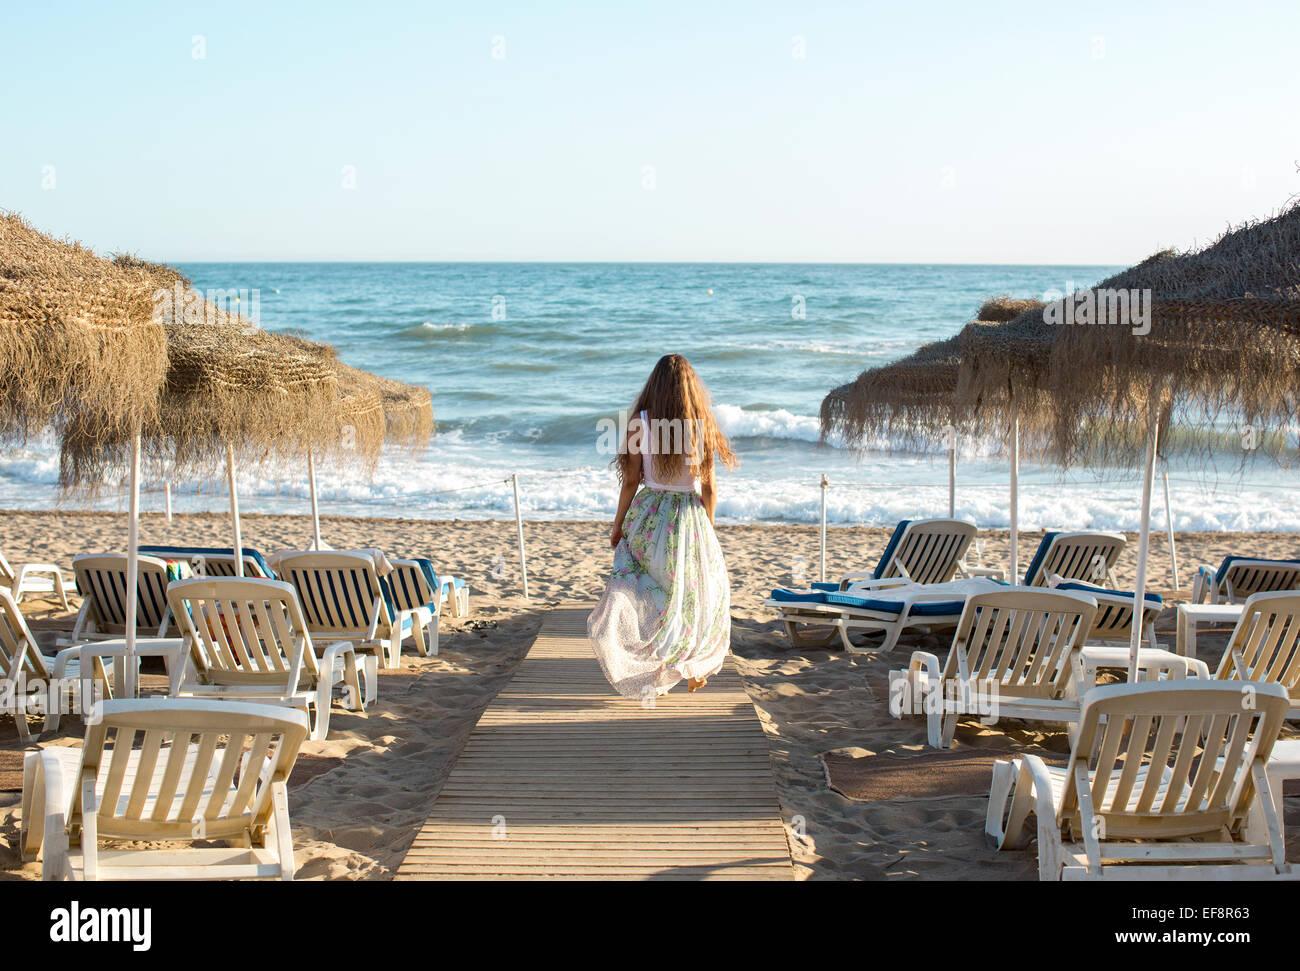 Vista trasera de la joven mujer rubia caminando hacia la playa Imagen De Stock